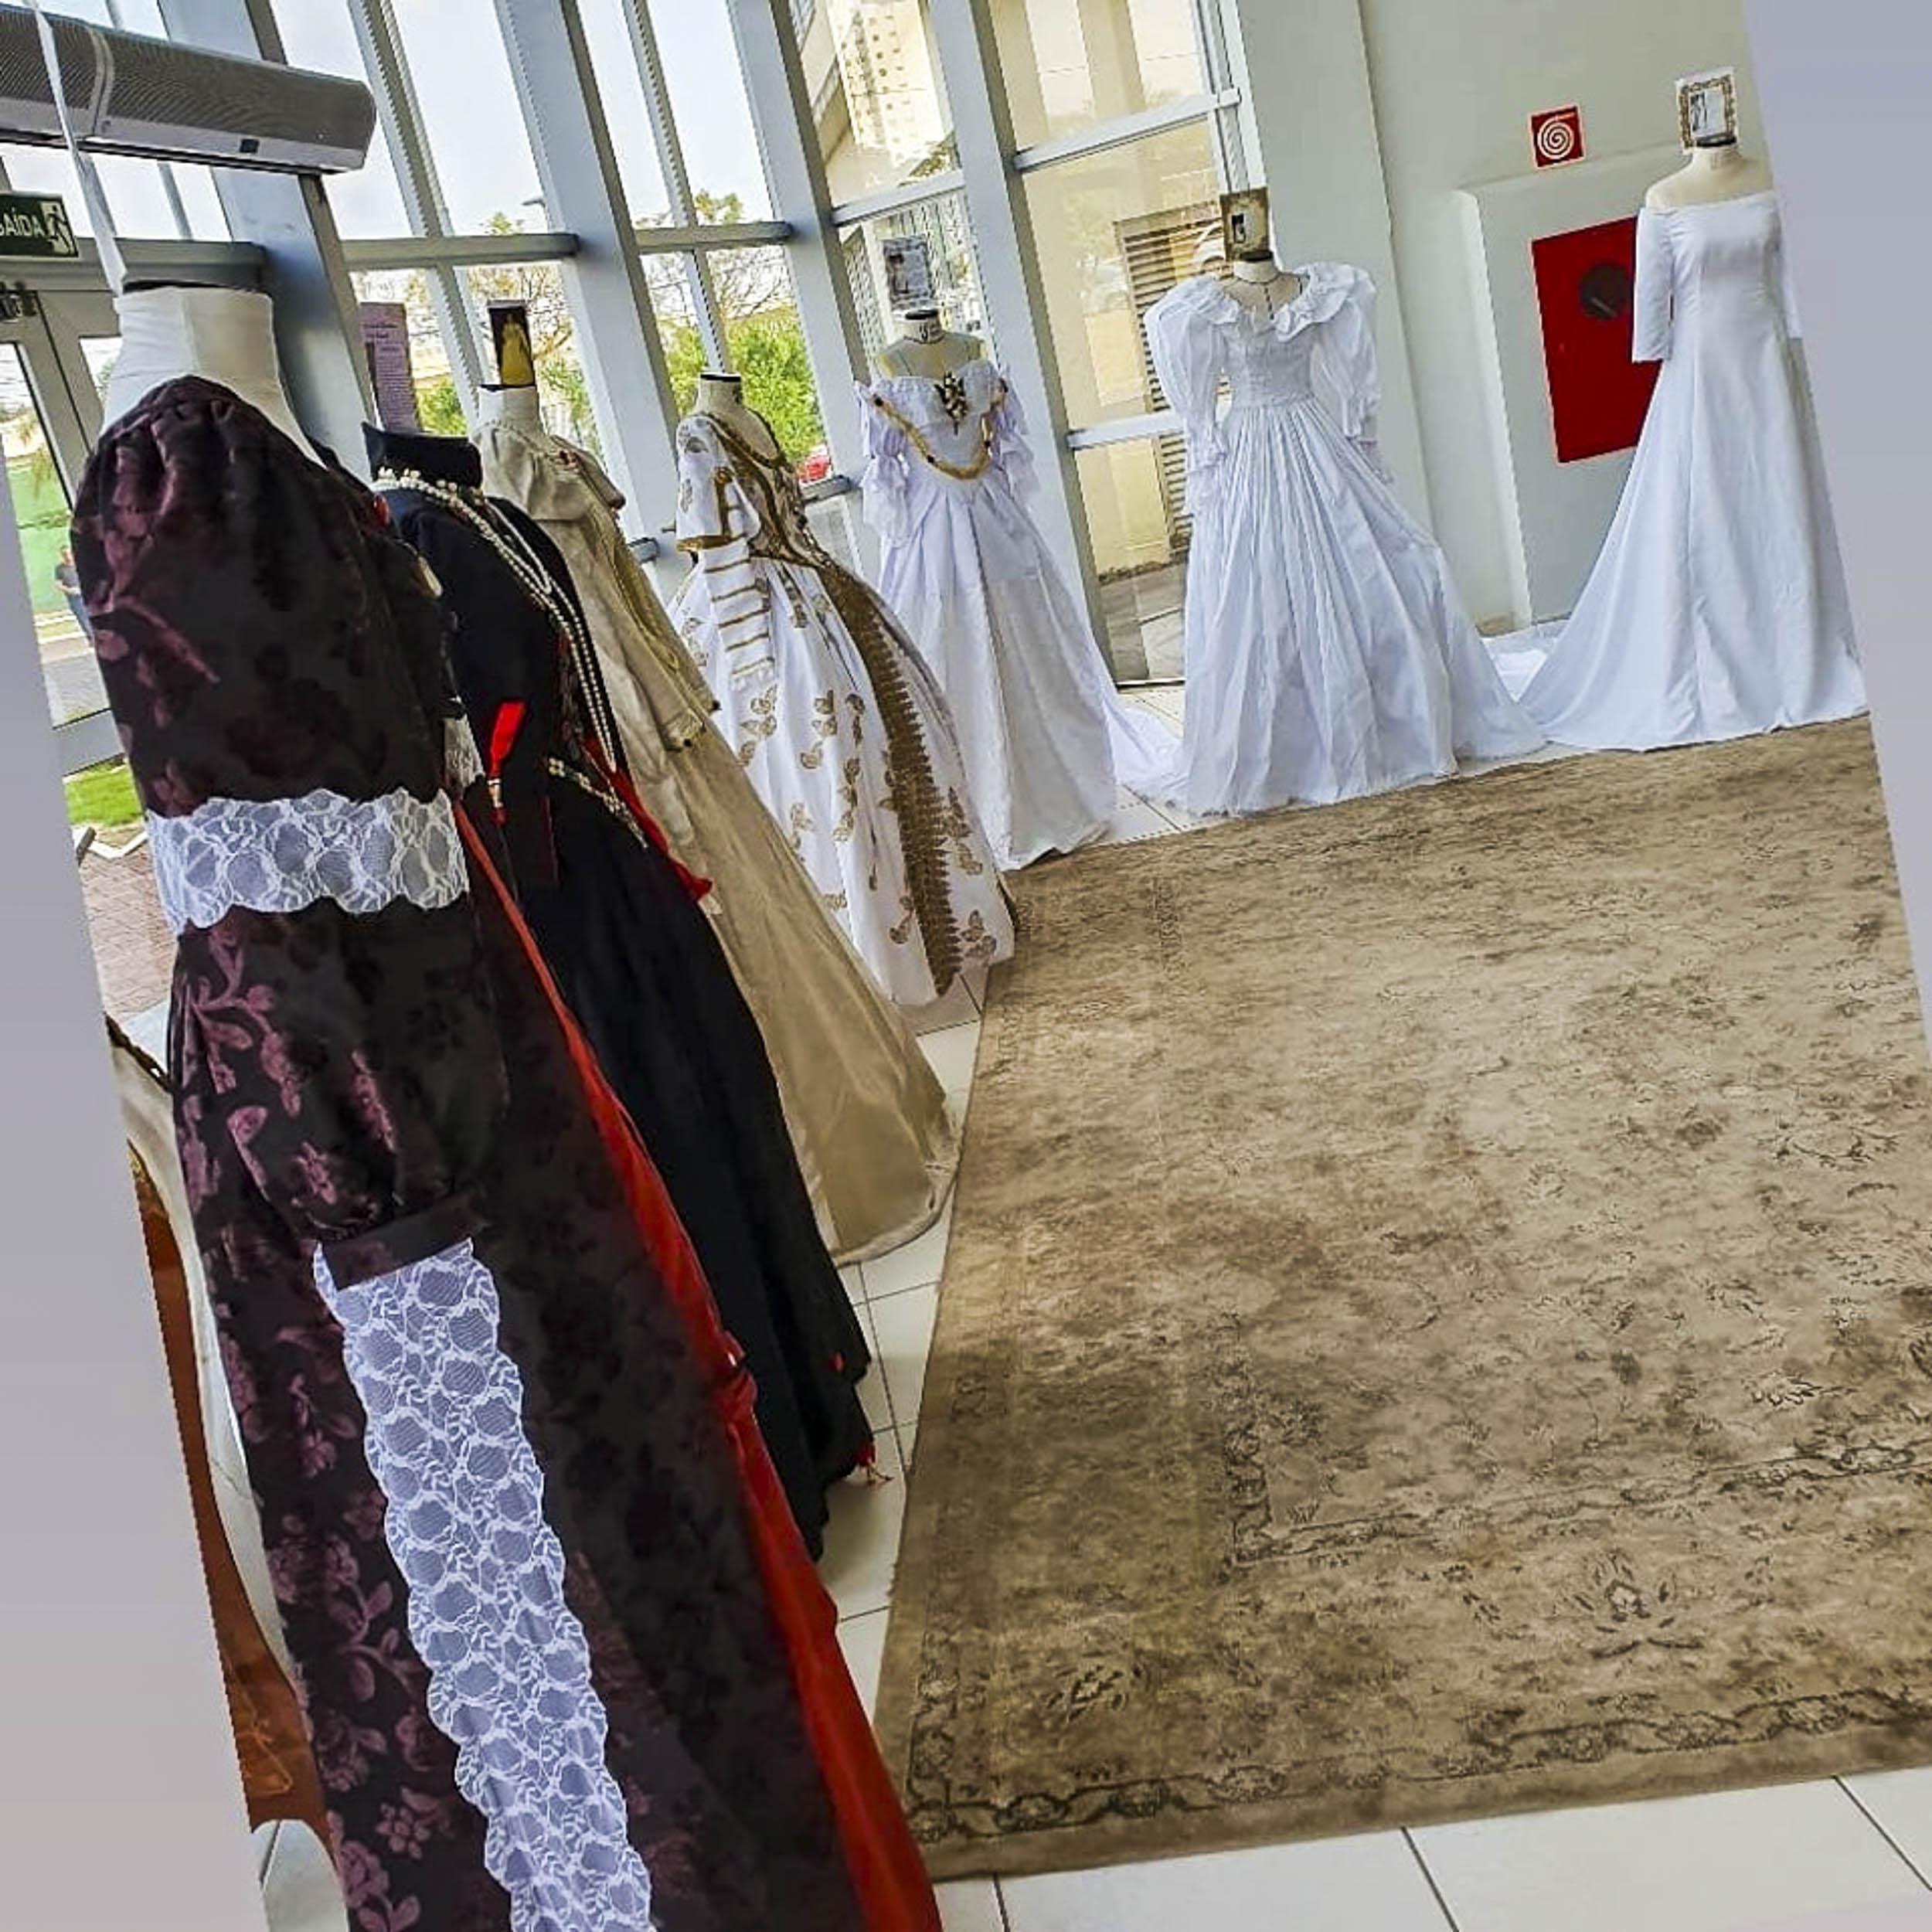 Exposição reúne vestidos de noiva usados desde a idade média